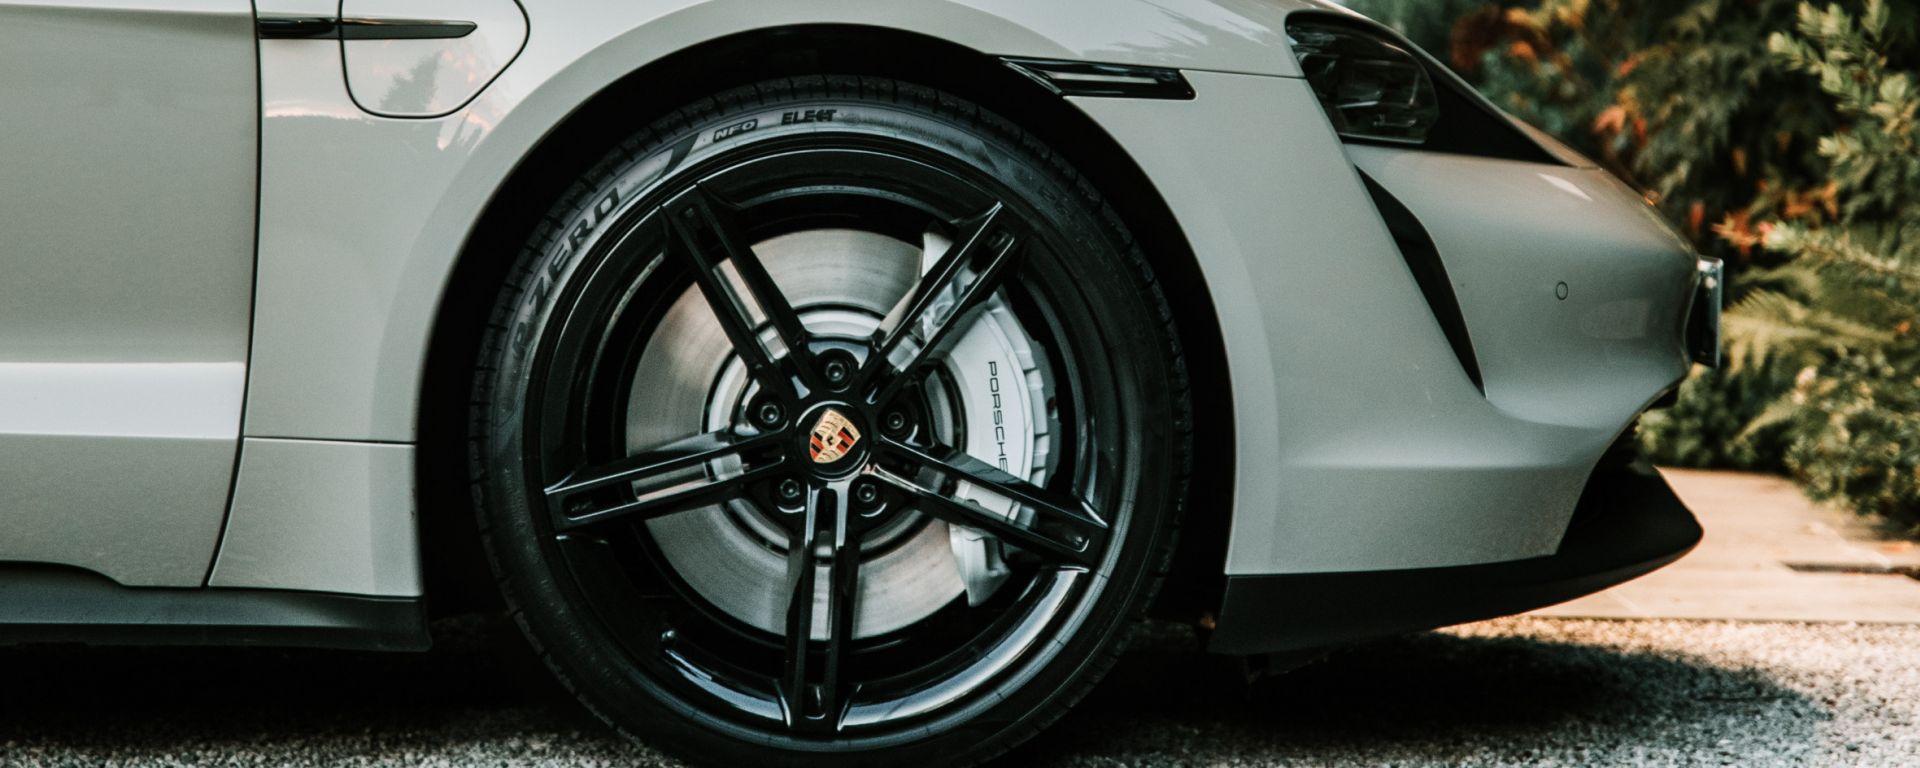 Pirelli Elect per Porsche Taycan